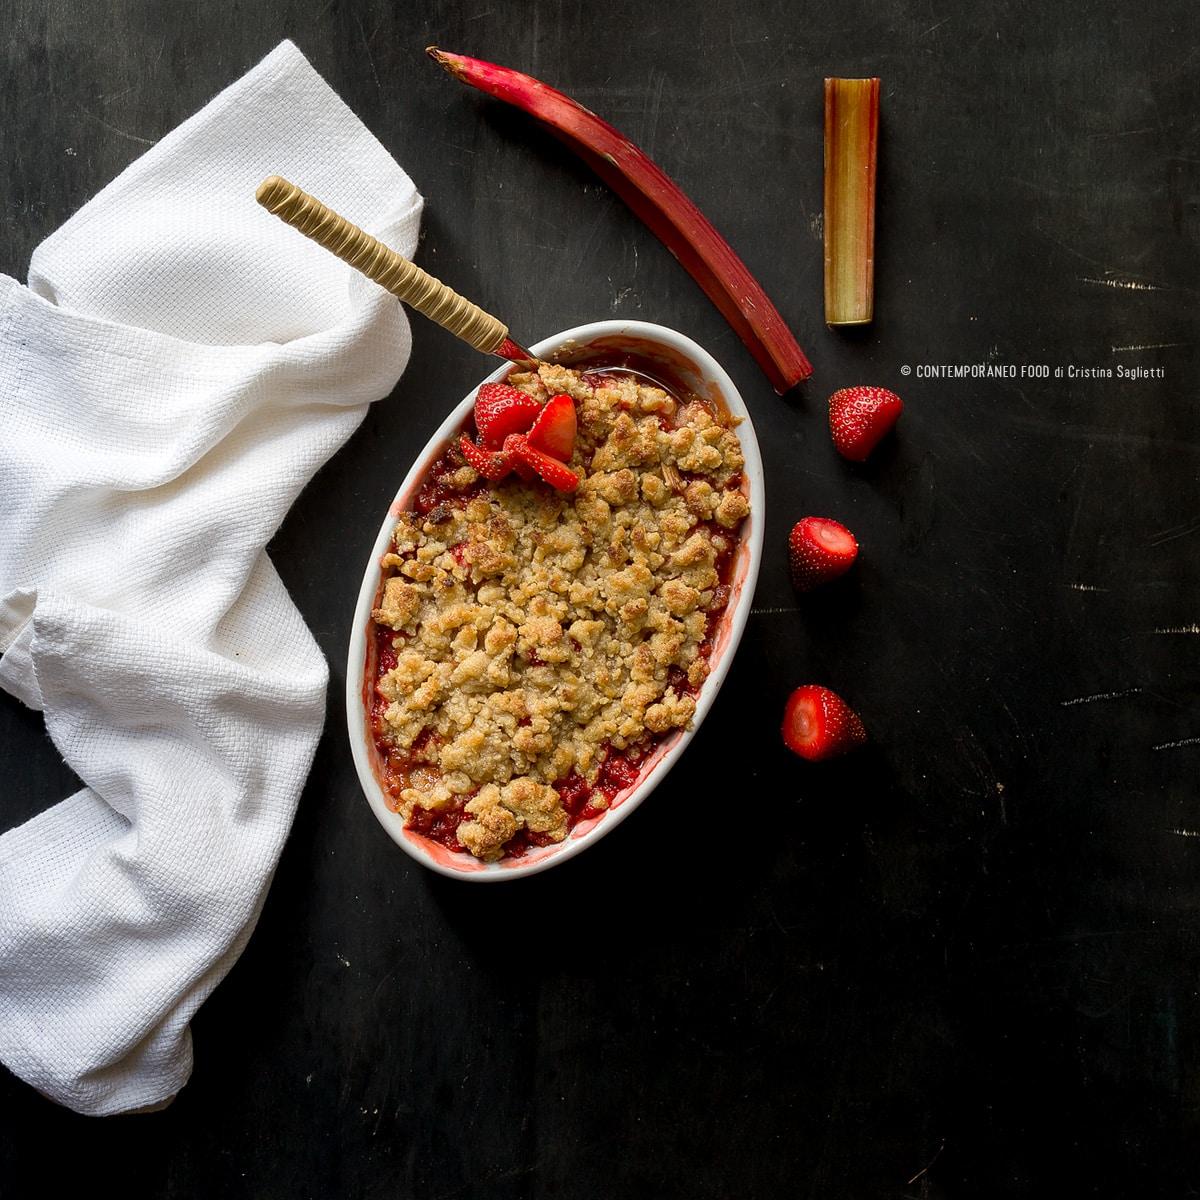 crumble-di-fragole-e-rabarbaro-con-farina-di-farro-dolce-facile-ricetta-contemporaneo-food